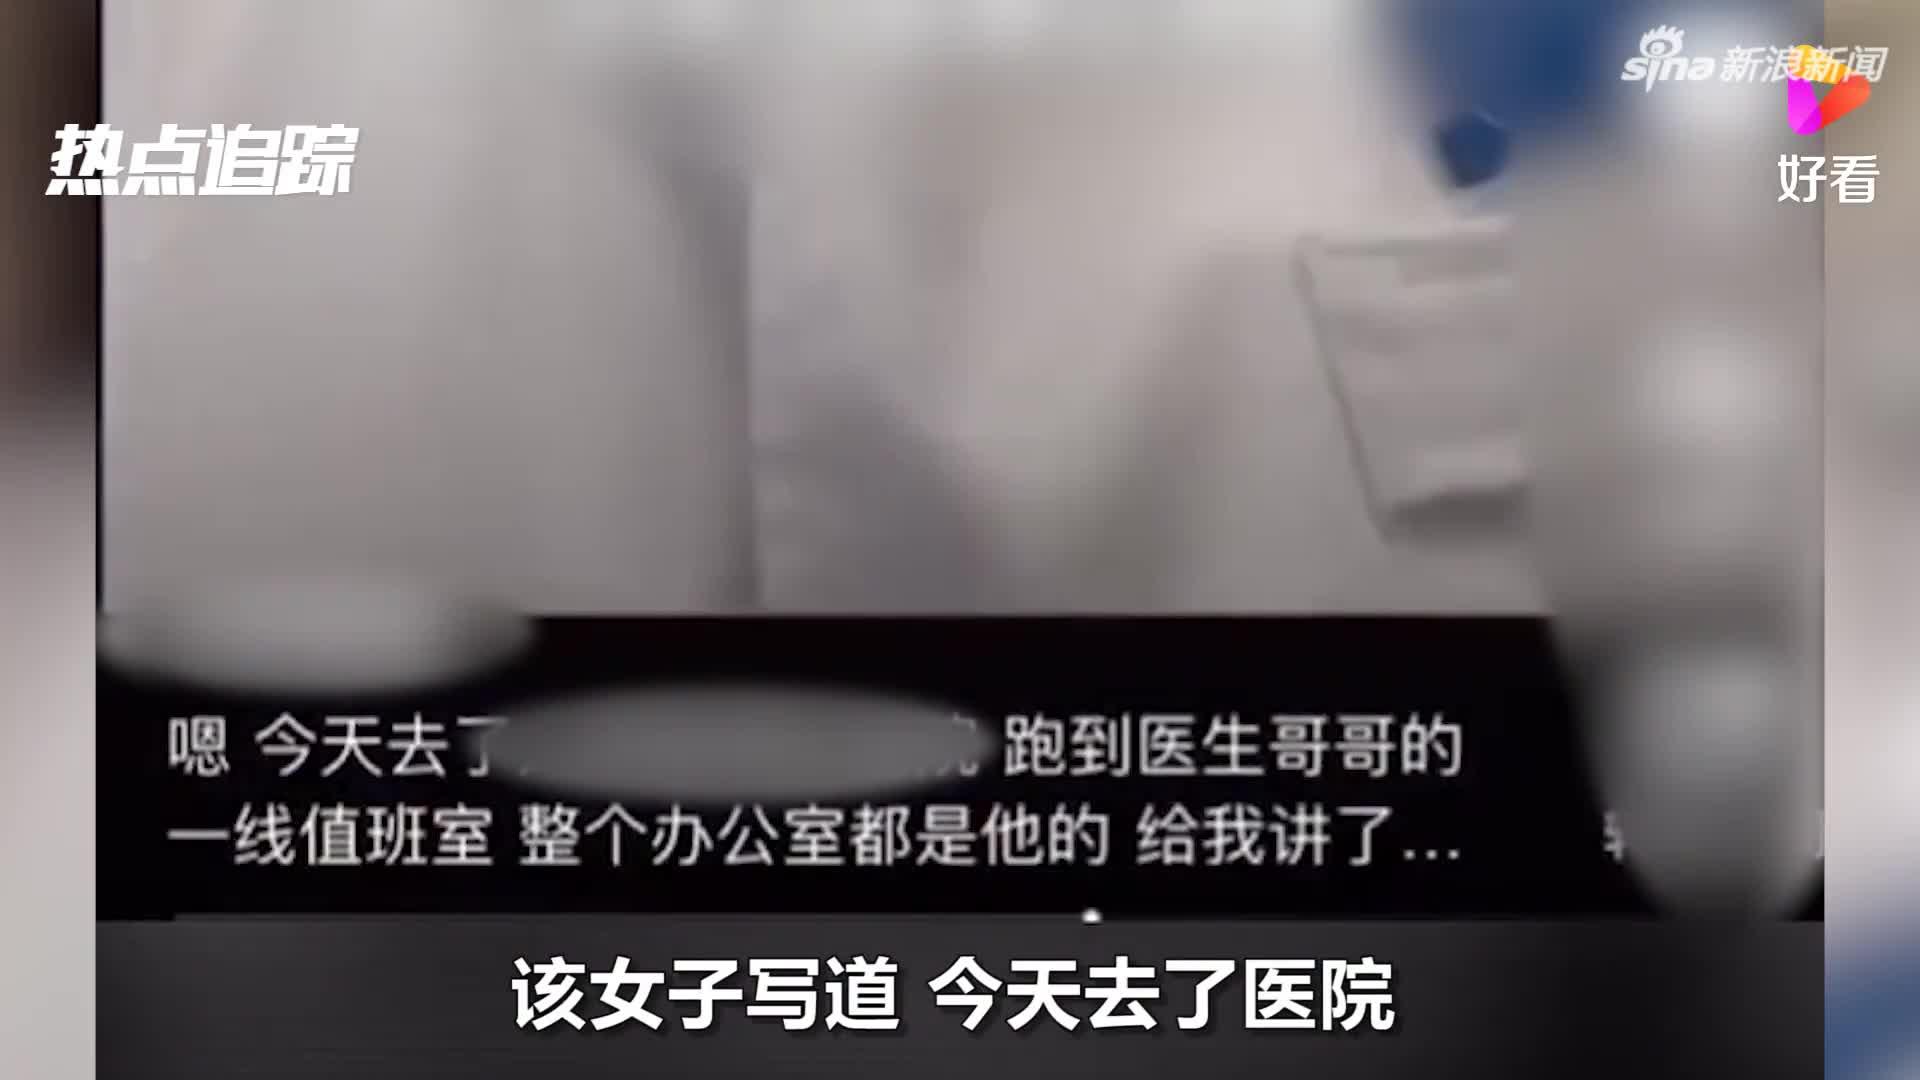 北京一实习医生让女友冒充护士拍视频? 涉事女子否认:有人恶意中伤